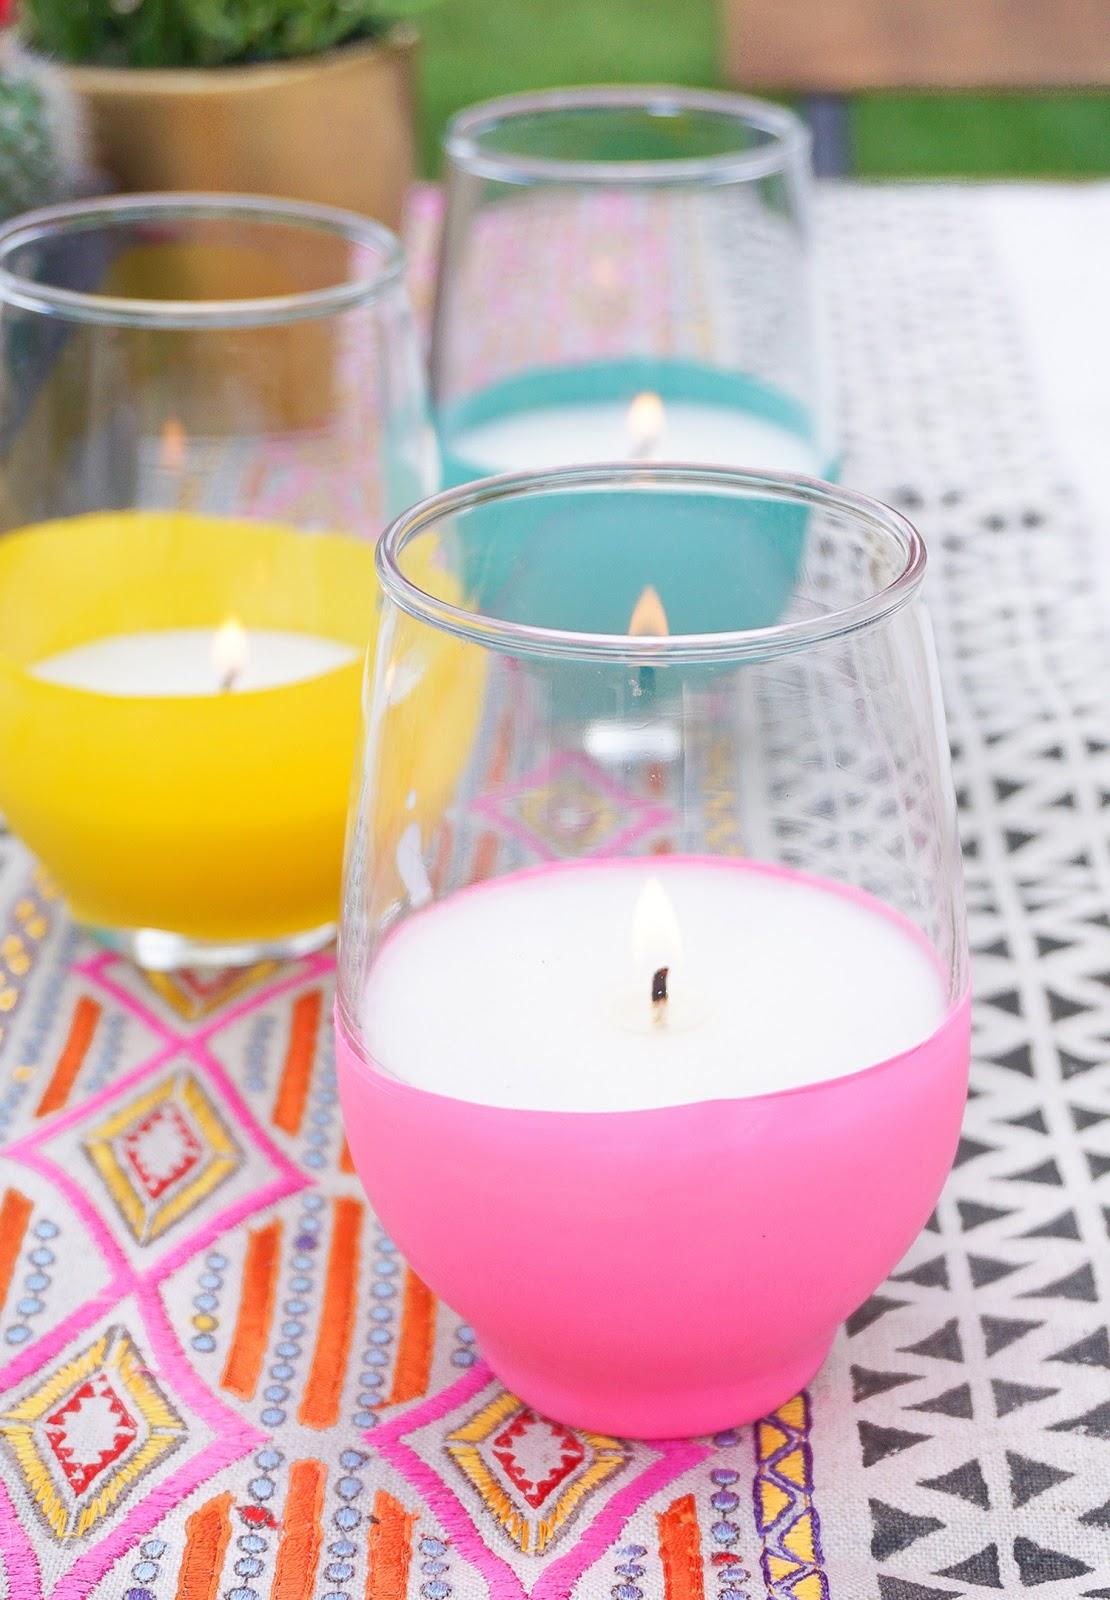 Le candele alla citronella tengono davvero lontane le ...